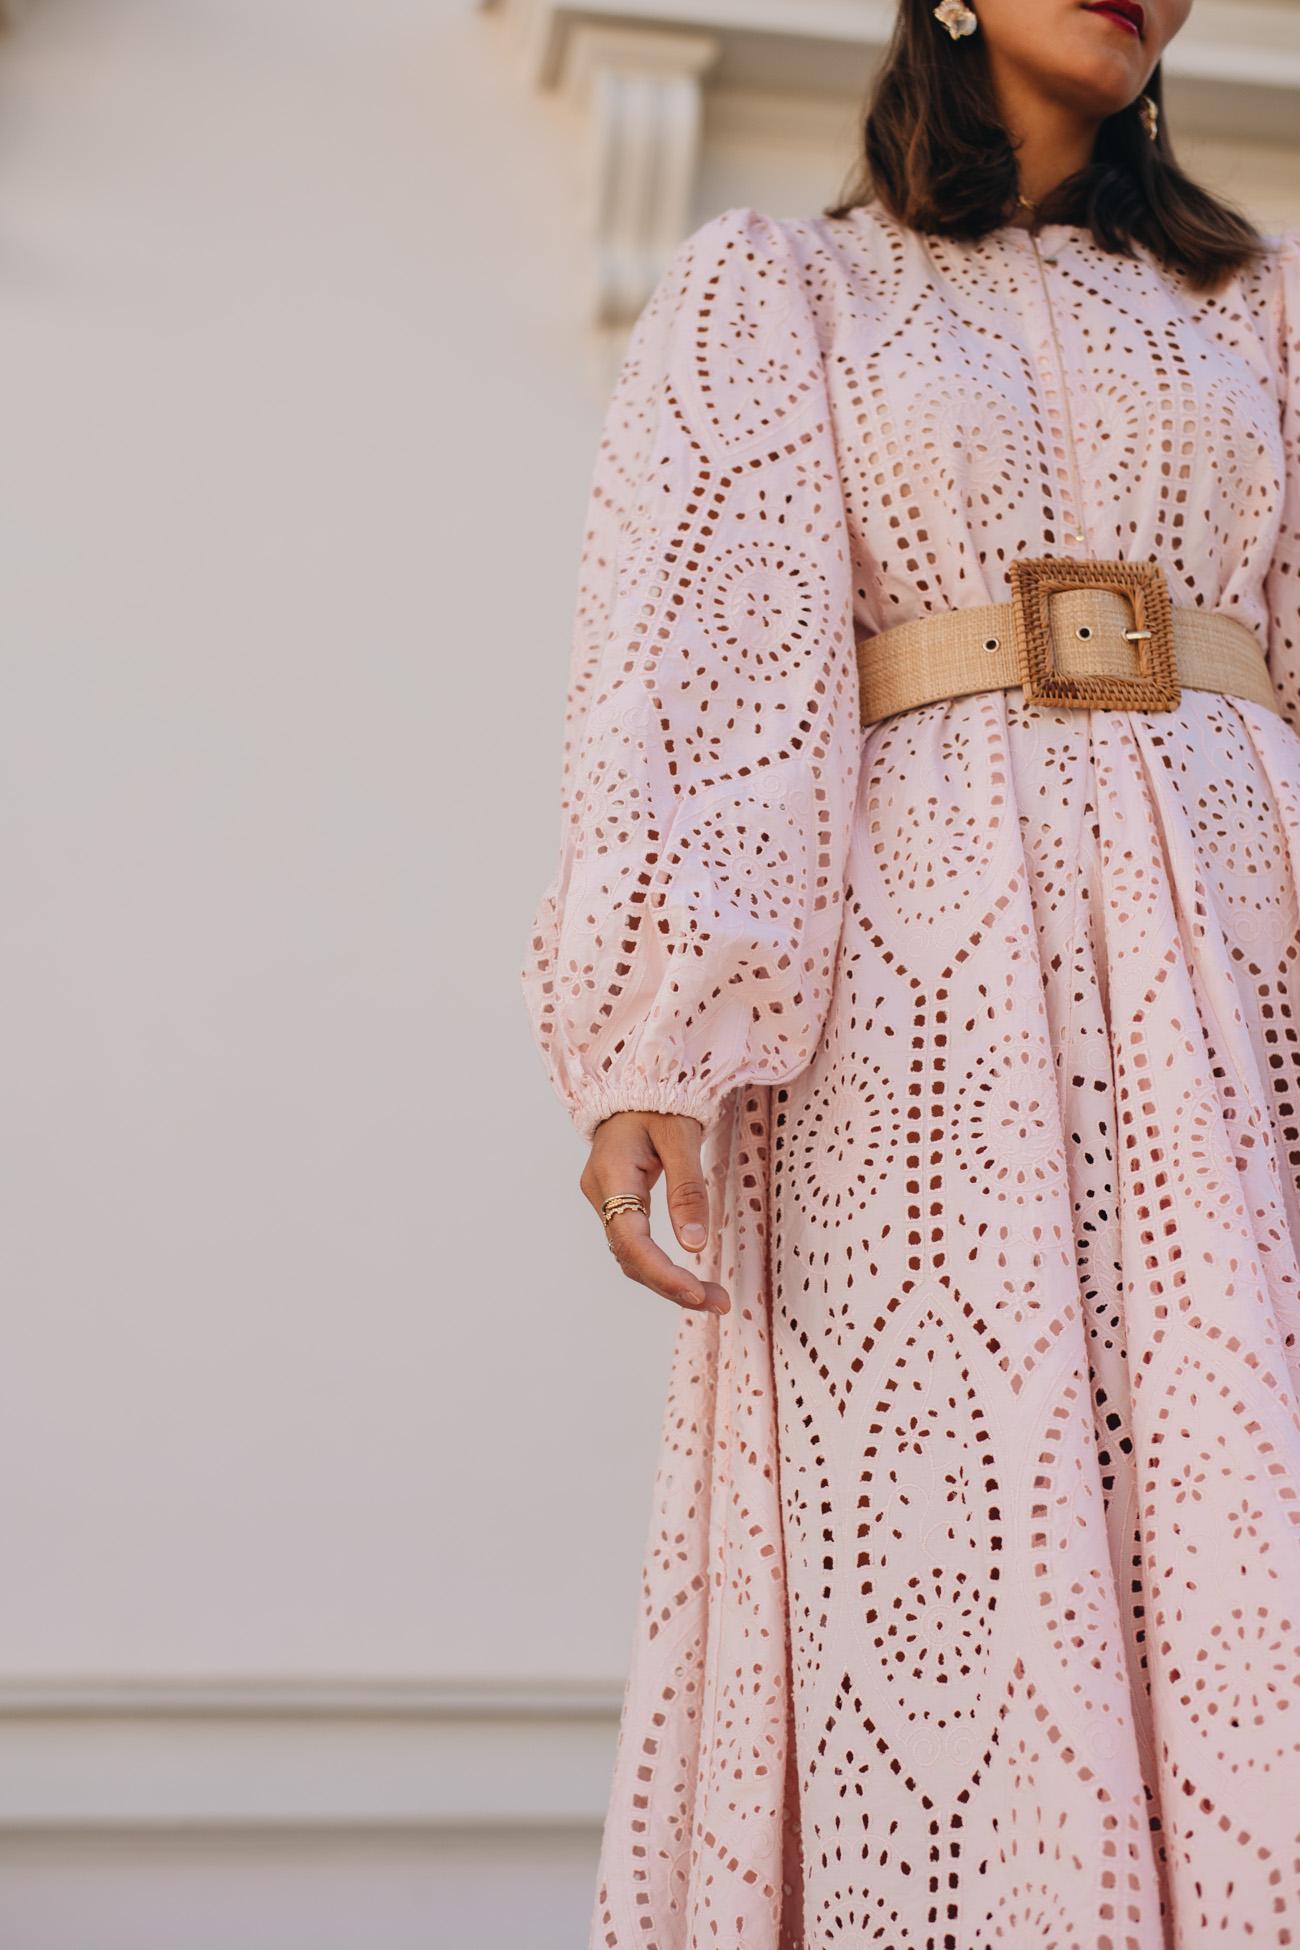 Rosa Kleid aus Lochspitze